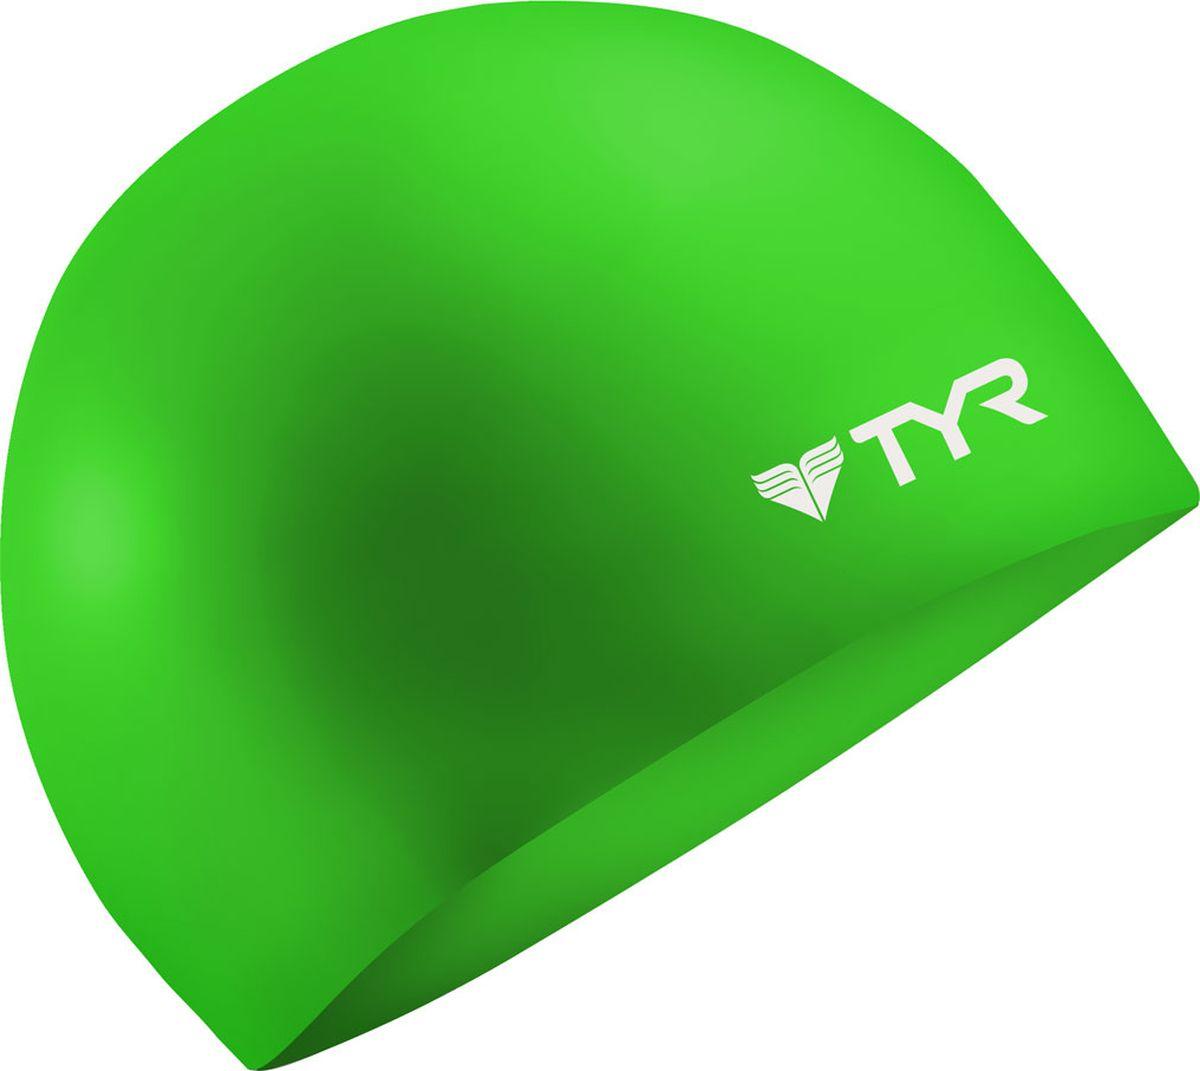 Шапочка для плавания Tyr Wrinkle Free Silicone Cap, цвет: зеленый. LCSLCSСиликоновая шапочка TYR Wrinkle Free – изготовлена из высококачественного материала устойчивого к воздействию хлорированной воды, что гарантирует долгий срок службы. Материал шапочки не вызывает раздражения кожи и других аллергических реакций. Прекрасный вариант для тренировок в бассейне.